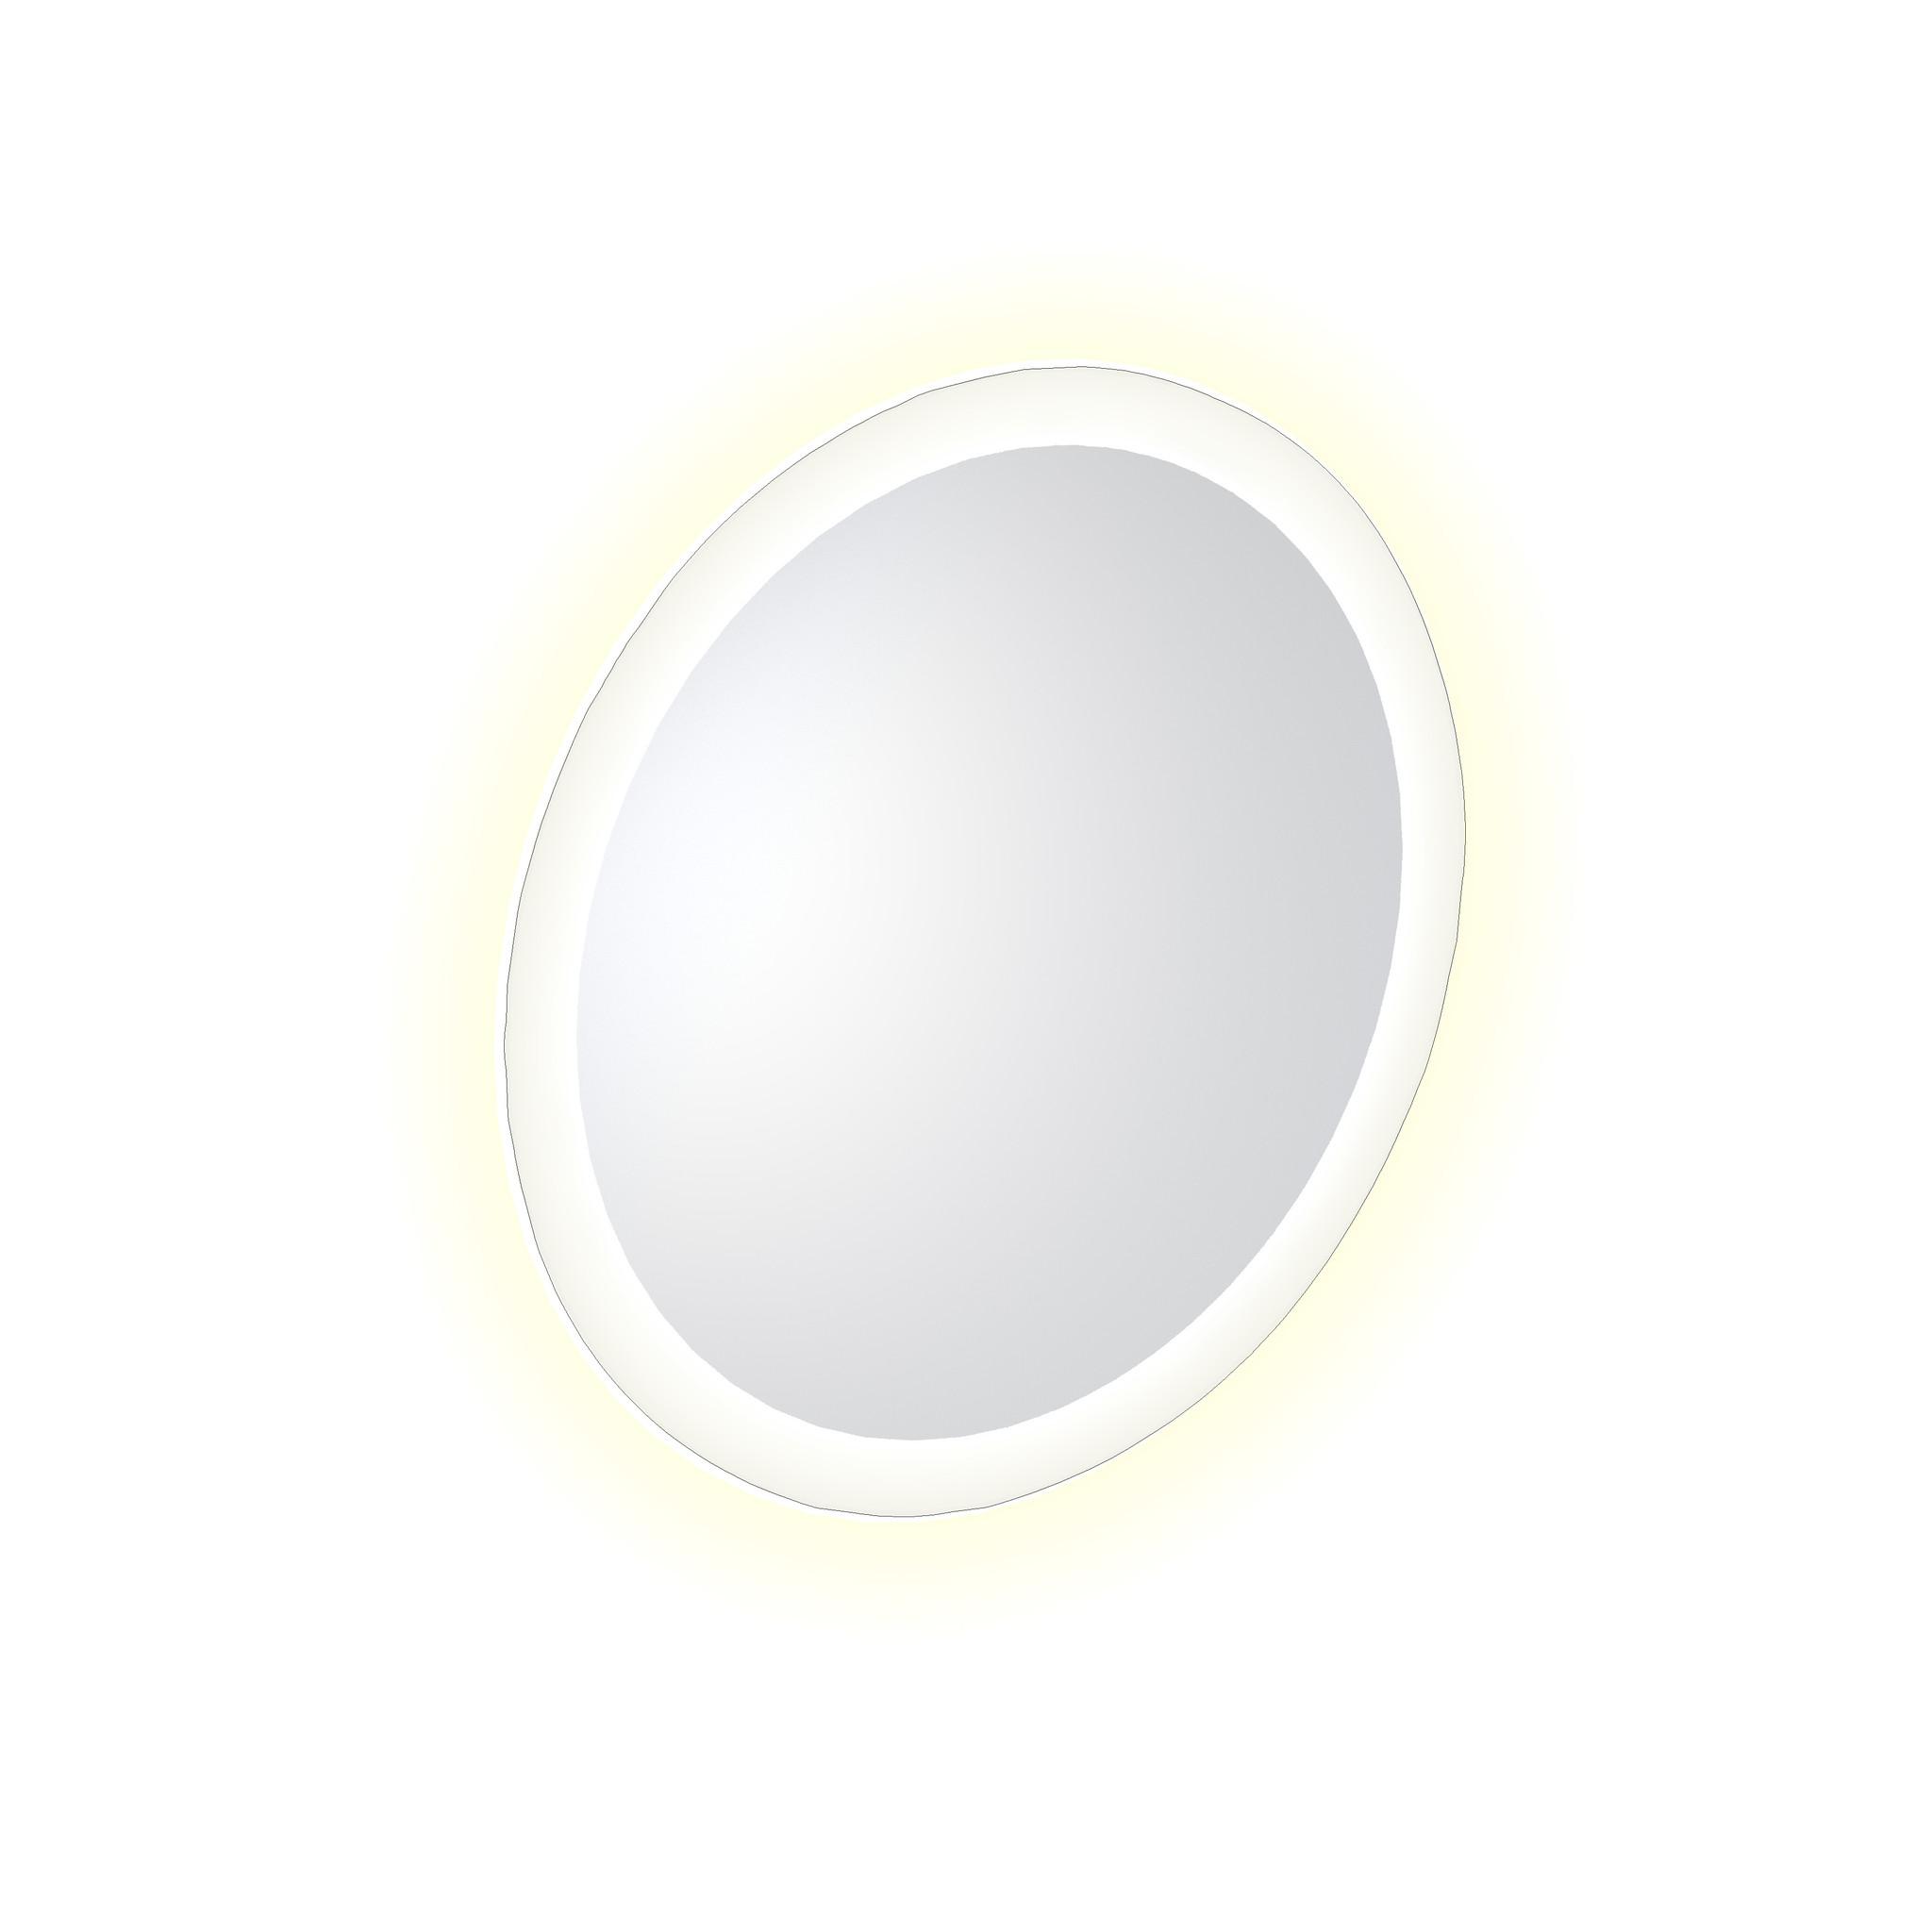 Look at Me Miroir 40 cm rond avec bord avec éclairage LED